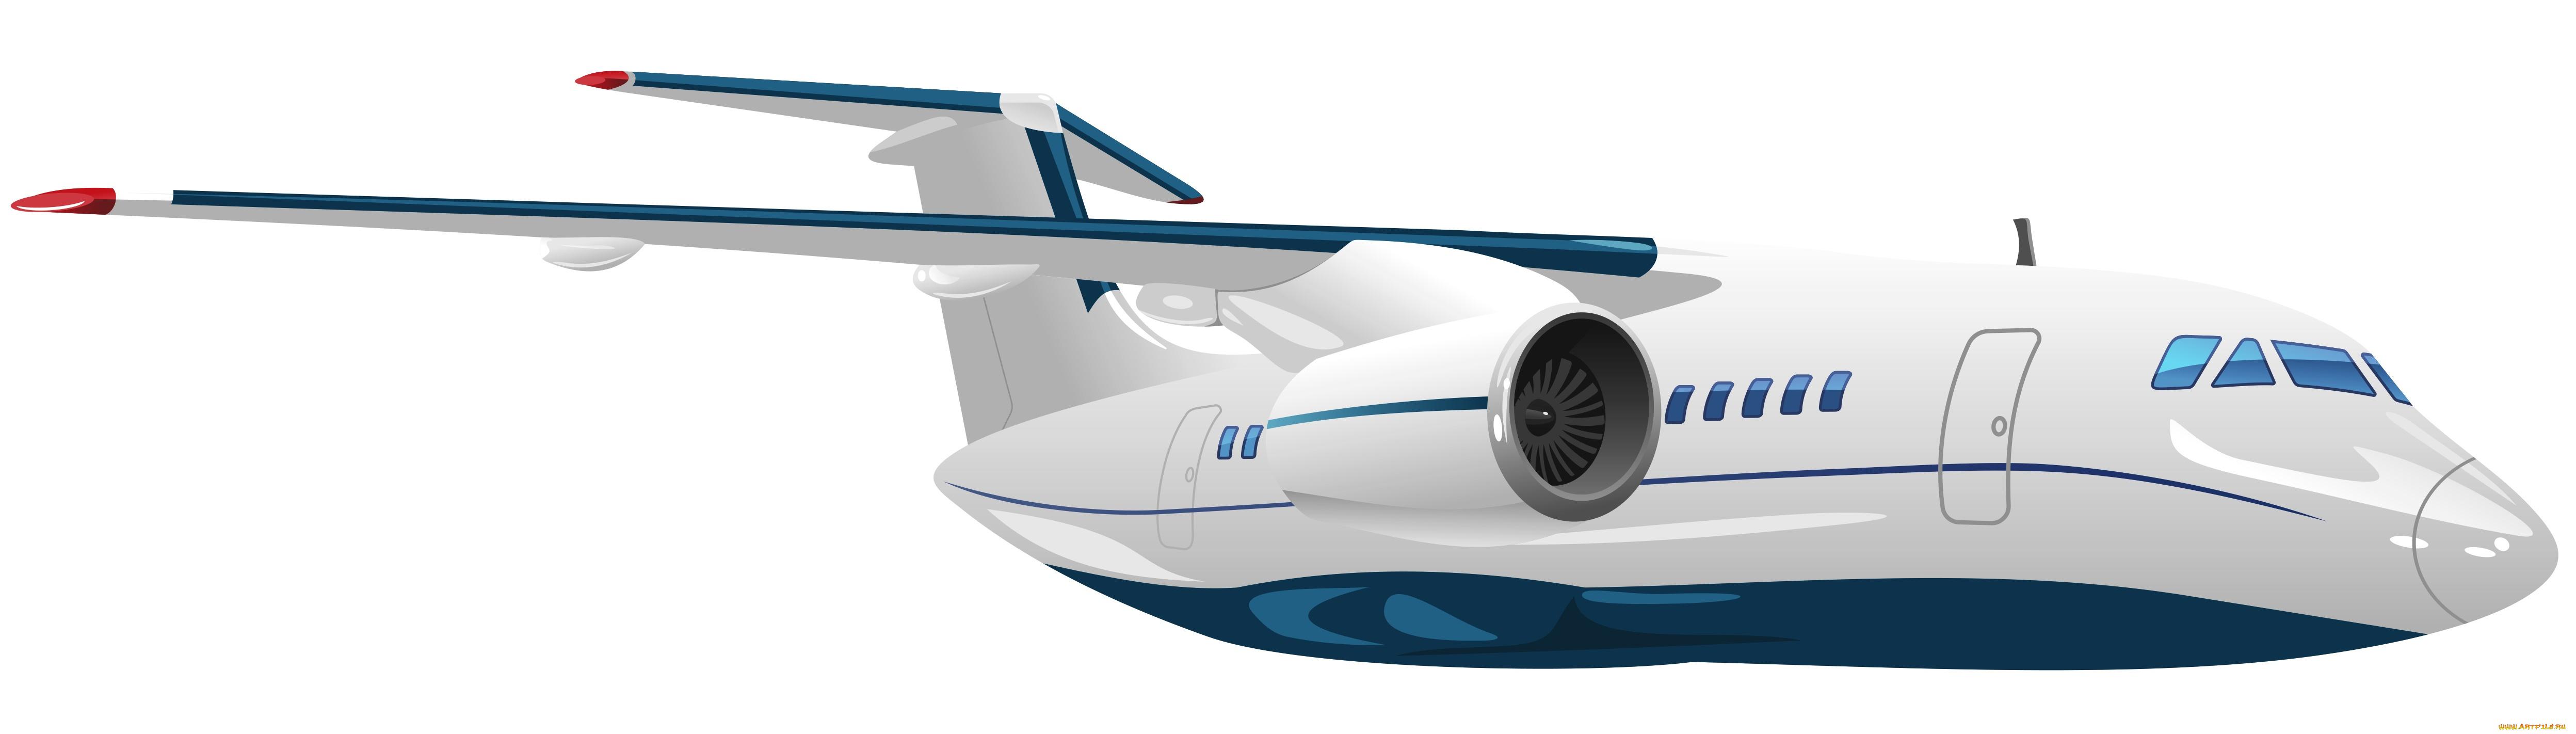 Грузовой самолет картинки на прозрачном фоне думаю